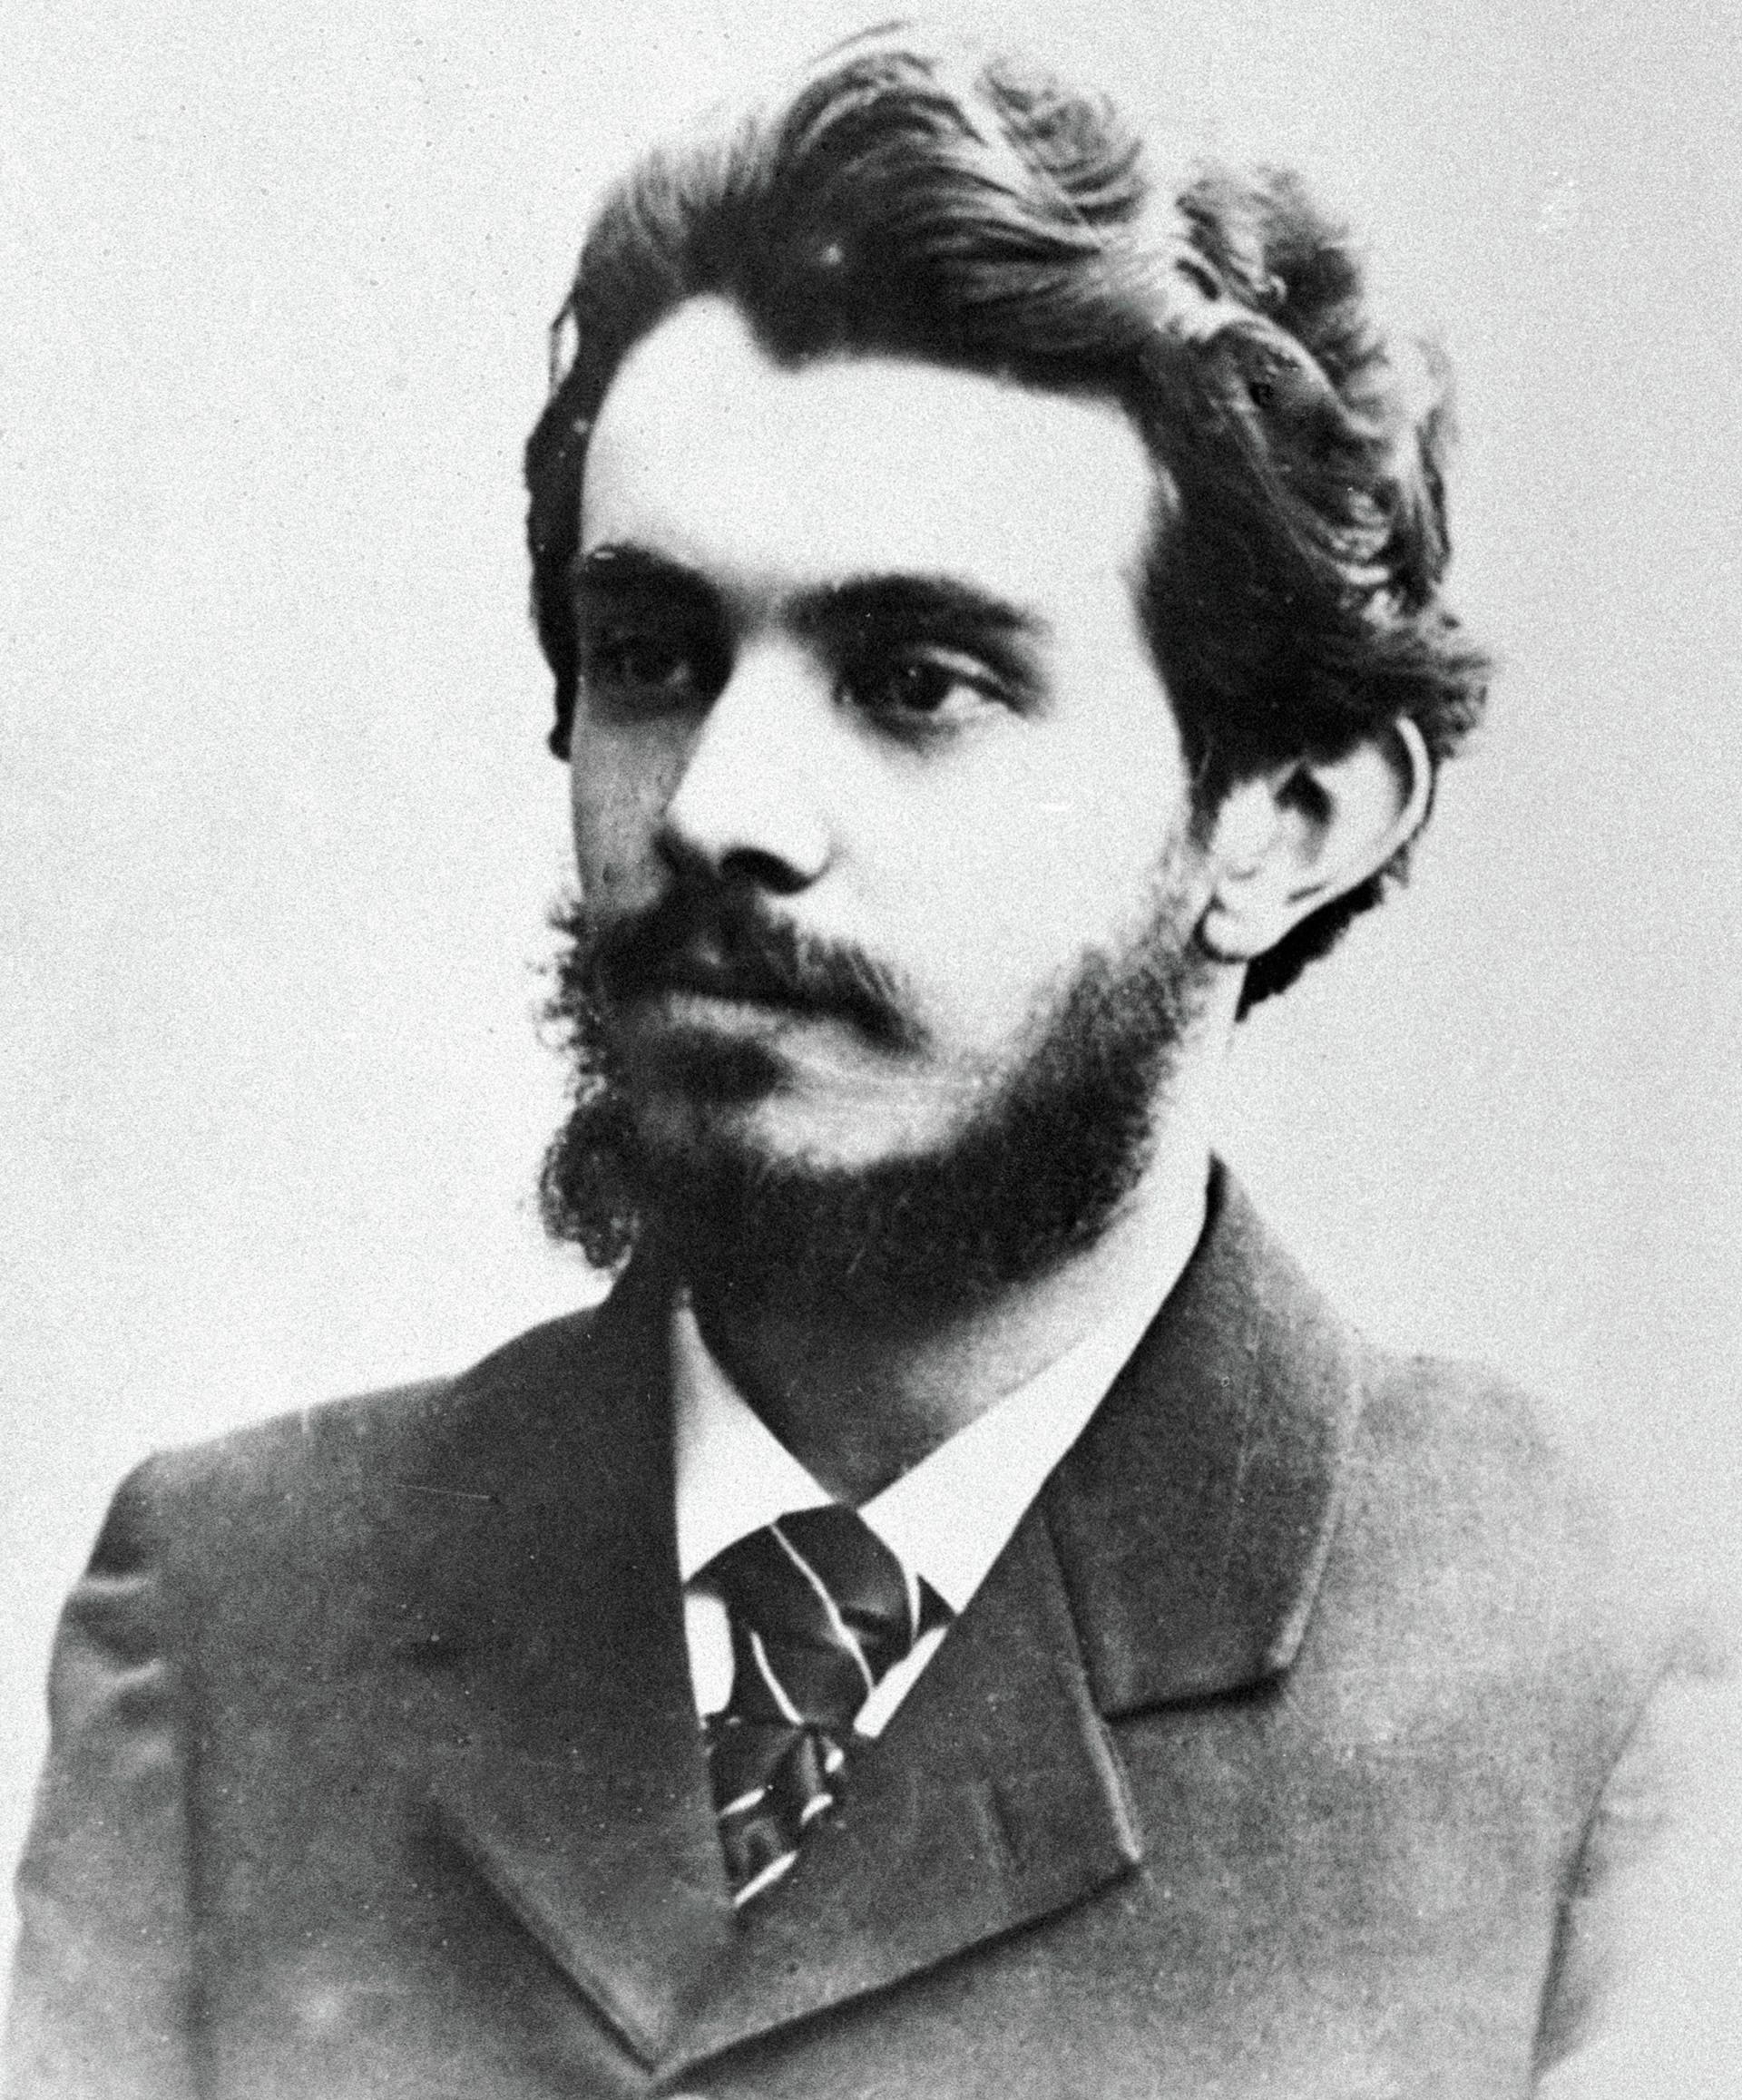 Nikolaï Berdiaev